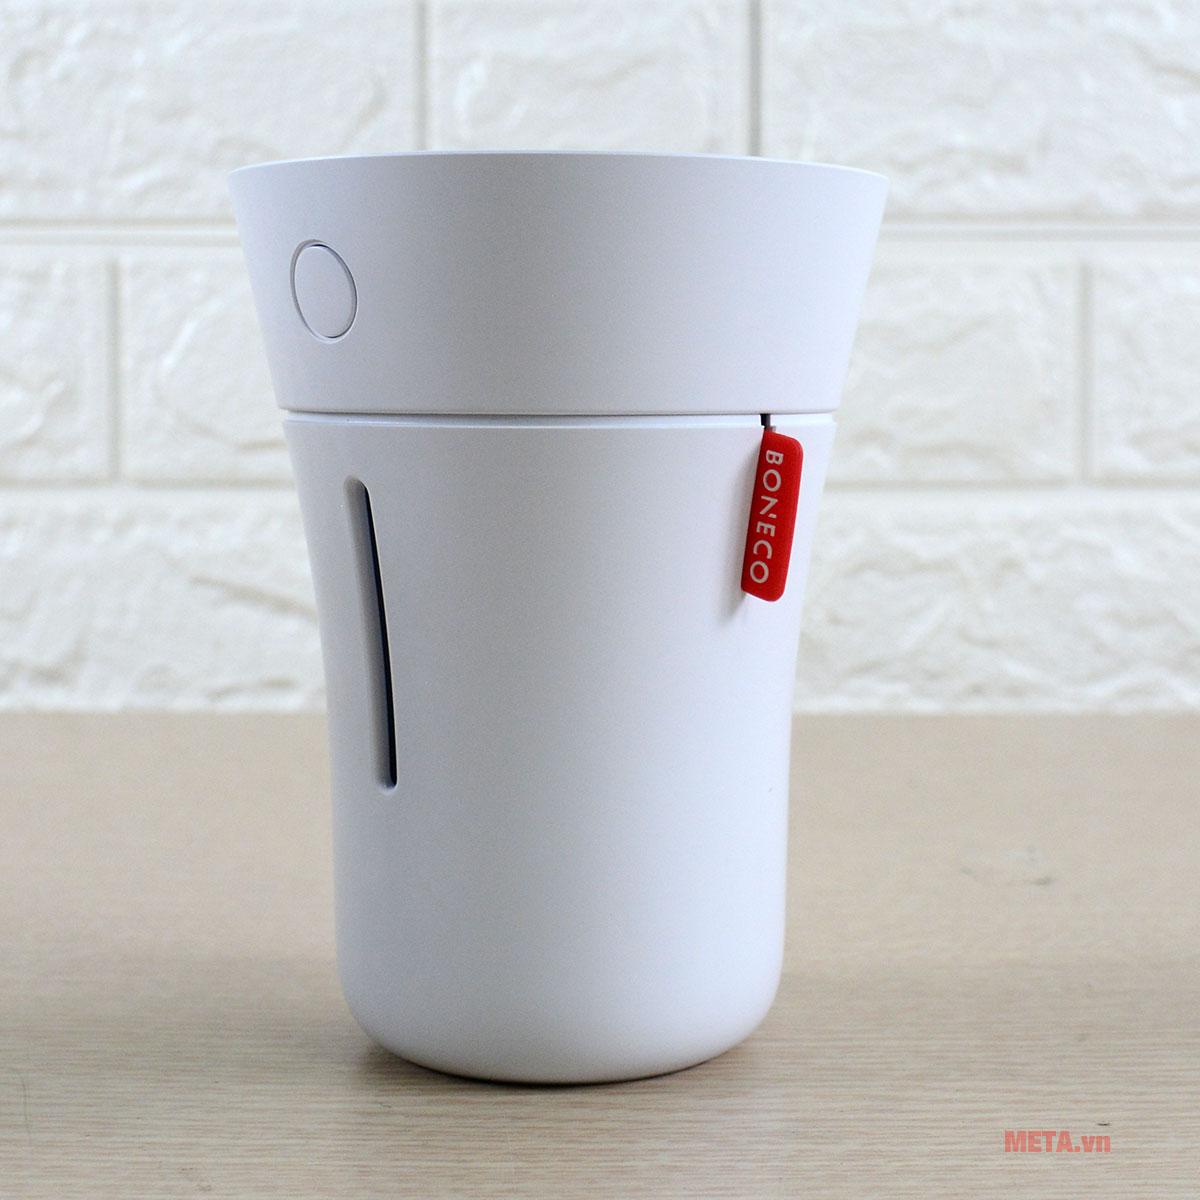 Máy tạo độ ẩm Ultrasonic Boneco U50 thiết kế nhỏ gọn, tinh tế